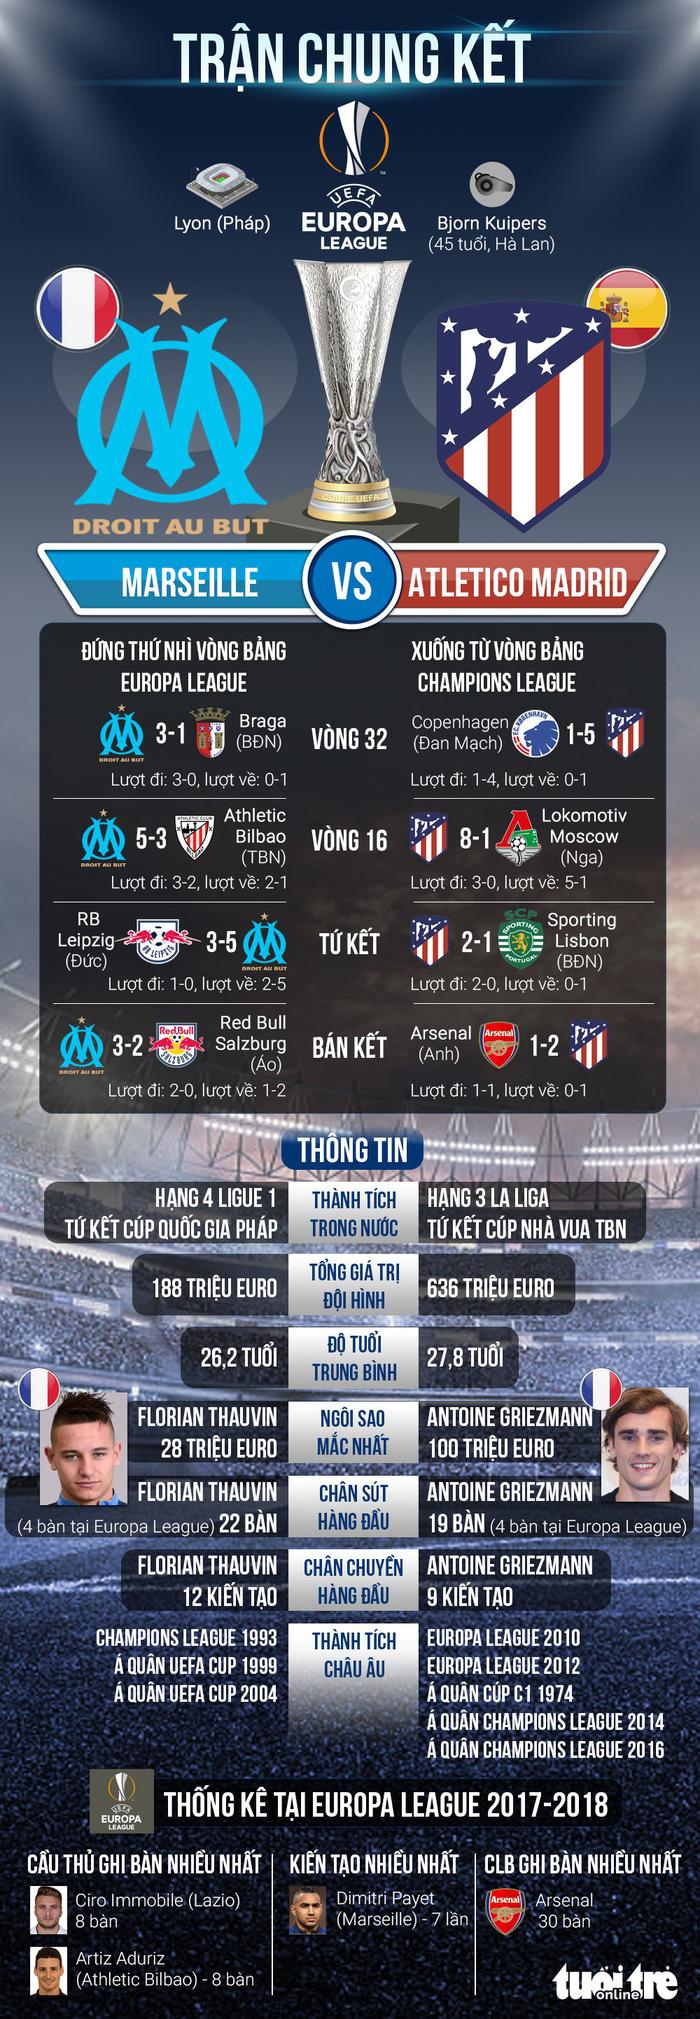 So với Atletico Madrid, Marseille chỉ là một đội bóng trung bình - Ảnh 1.